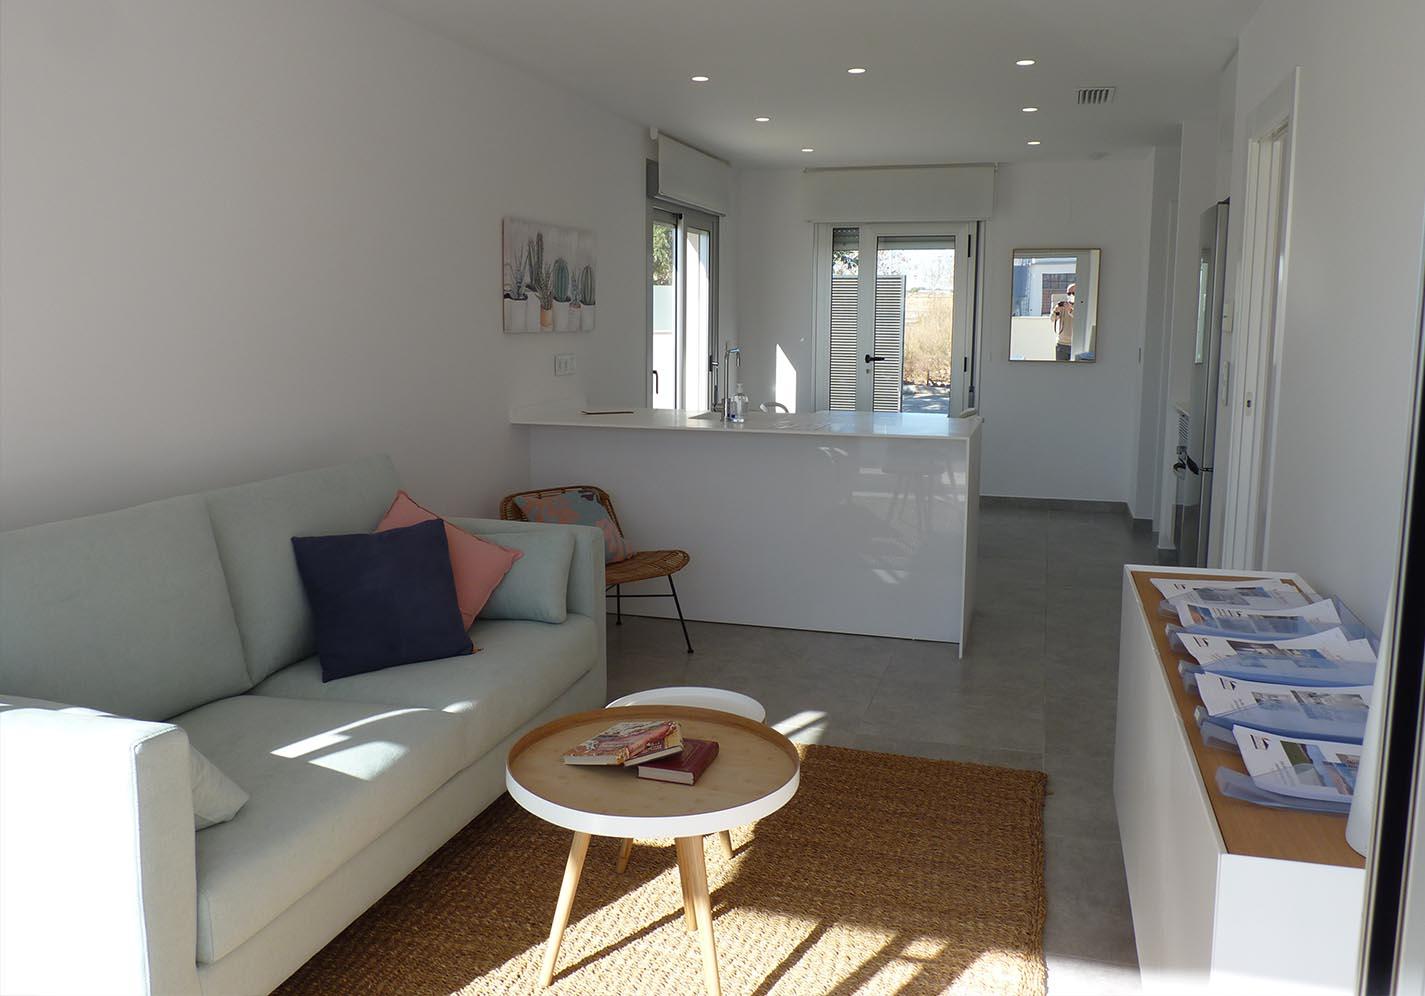 immobilier neuf espagne costa blanca on-n2 rambla beach salon